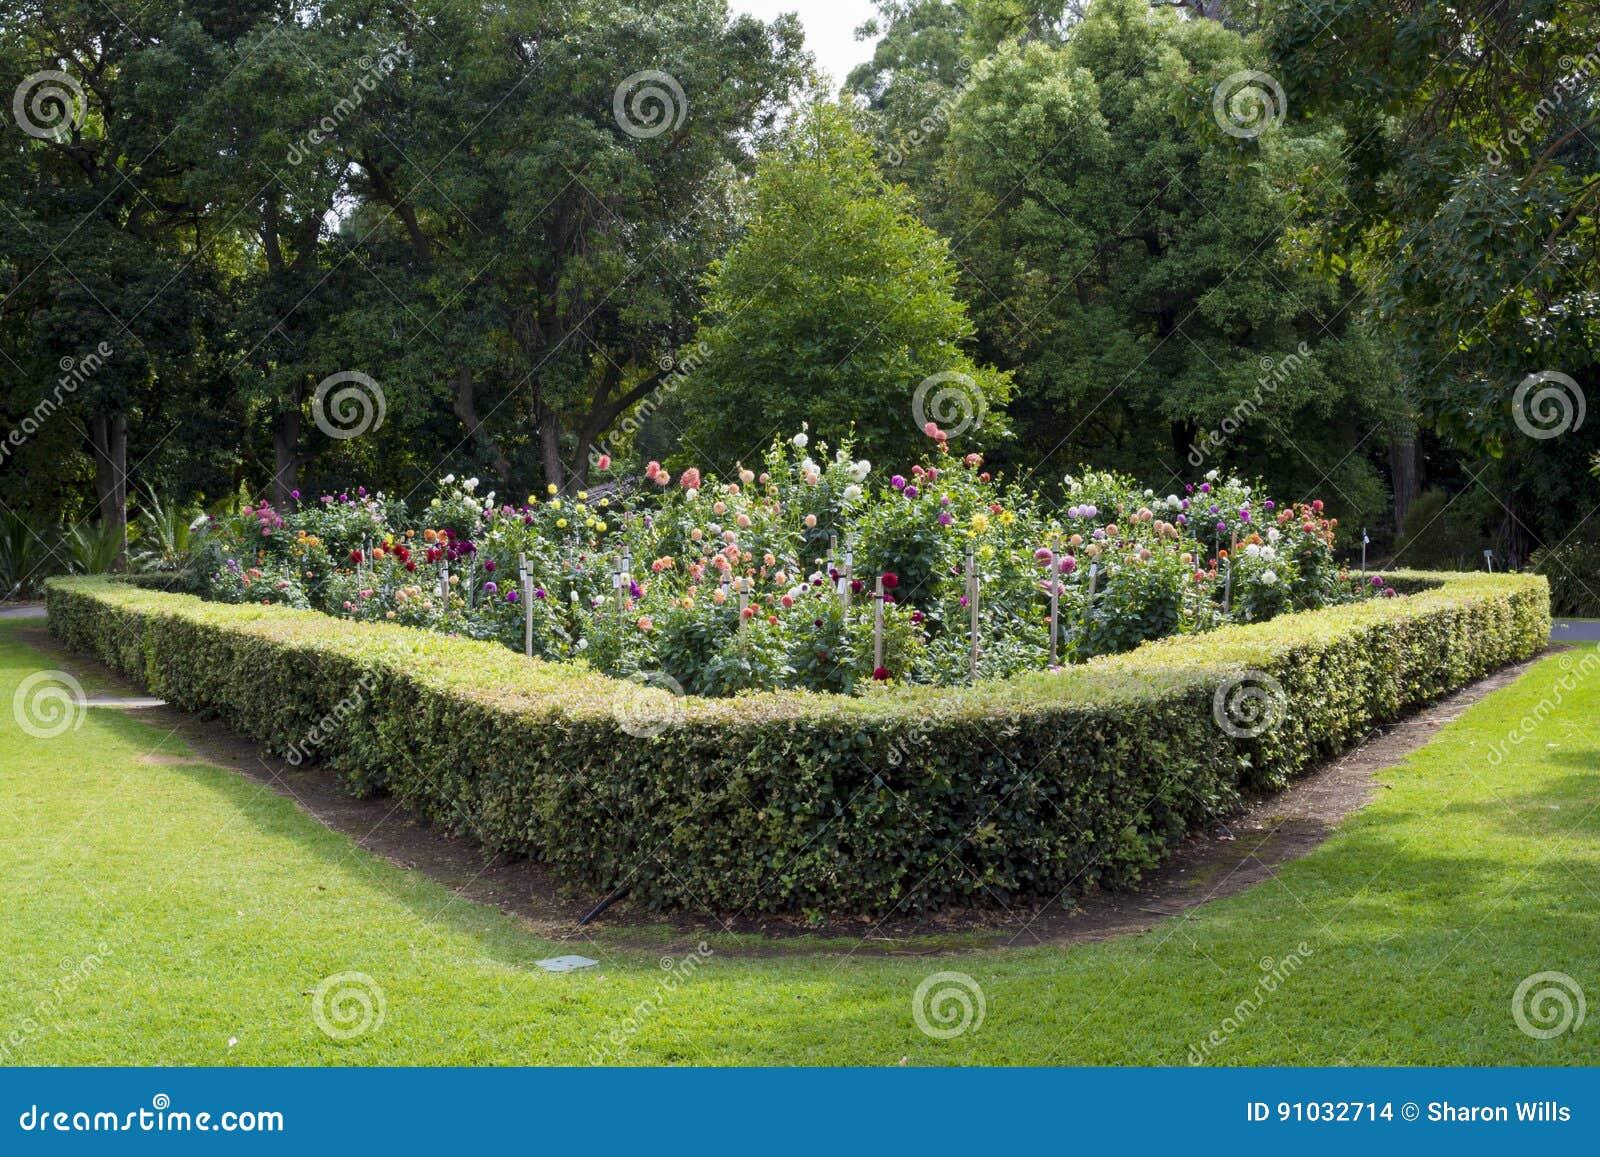 dahlia garden at the adelaide botanic garden  south australia editorial stock image